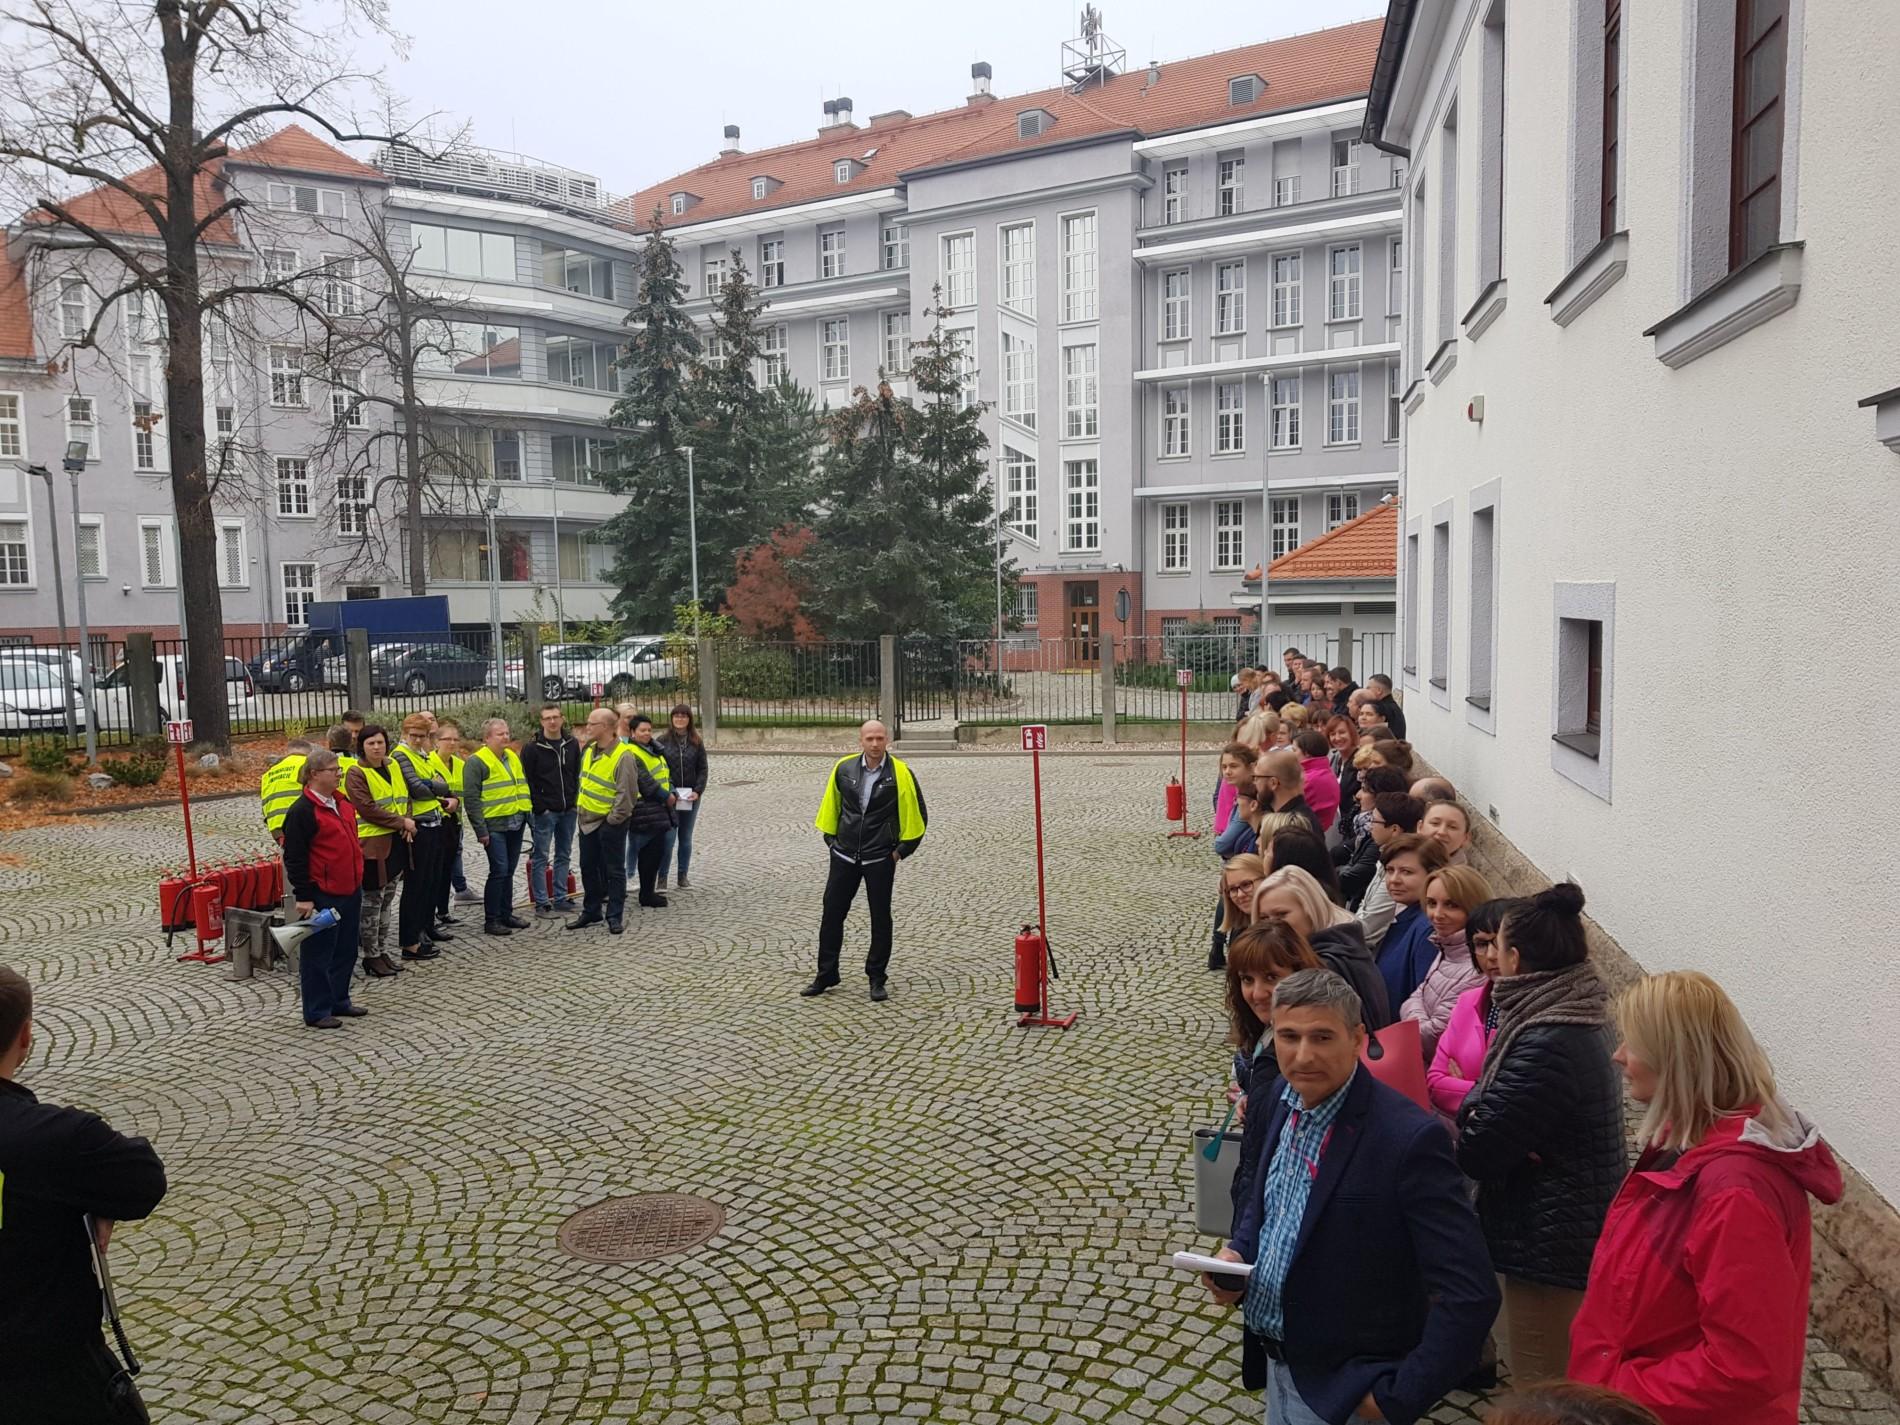 Próbna ewakaucja budynku